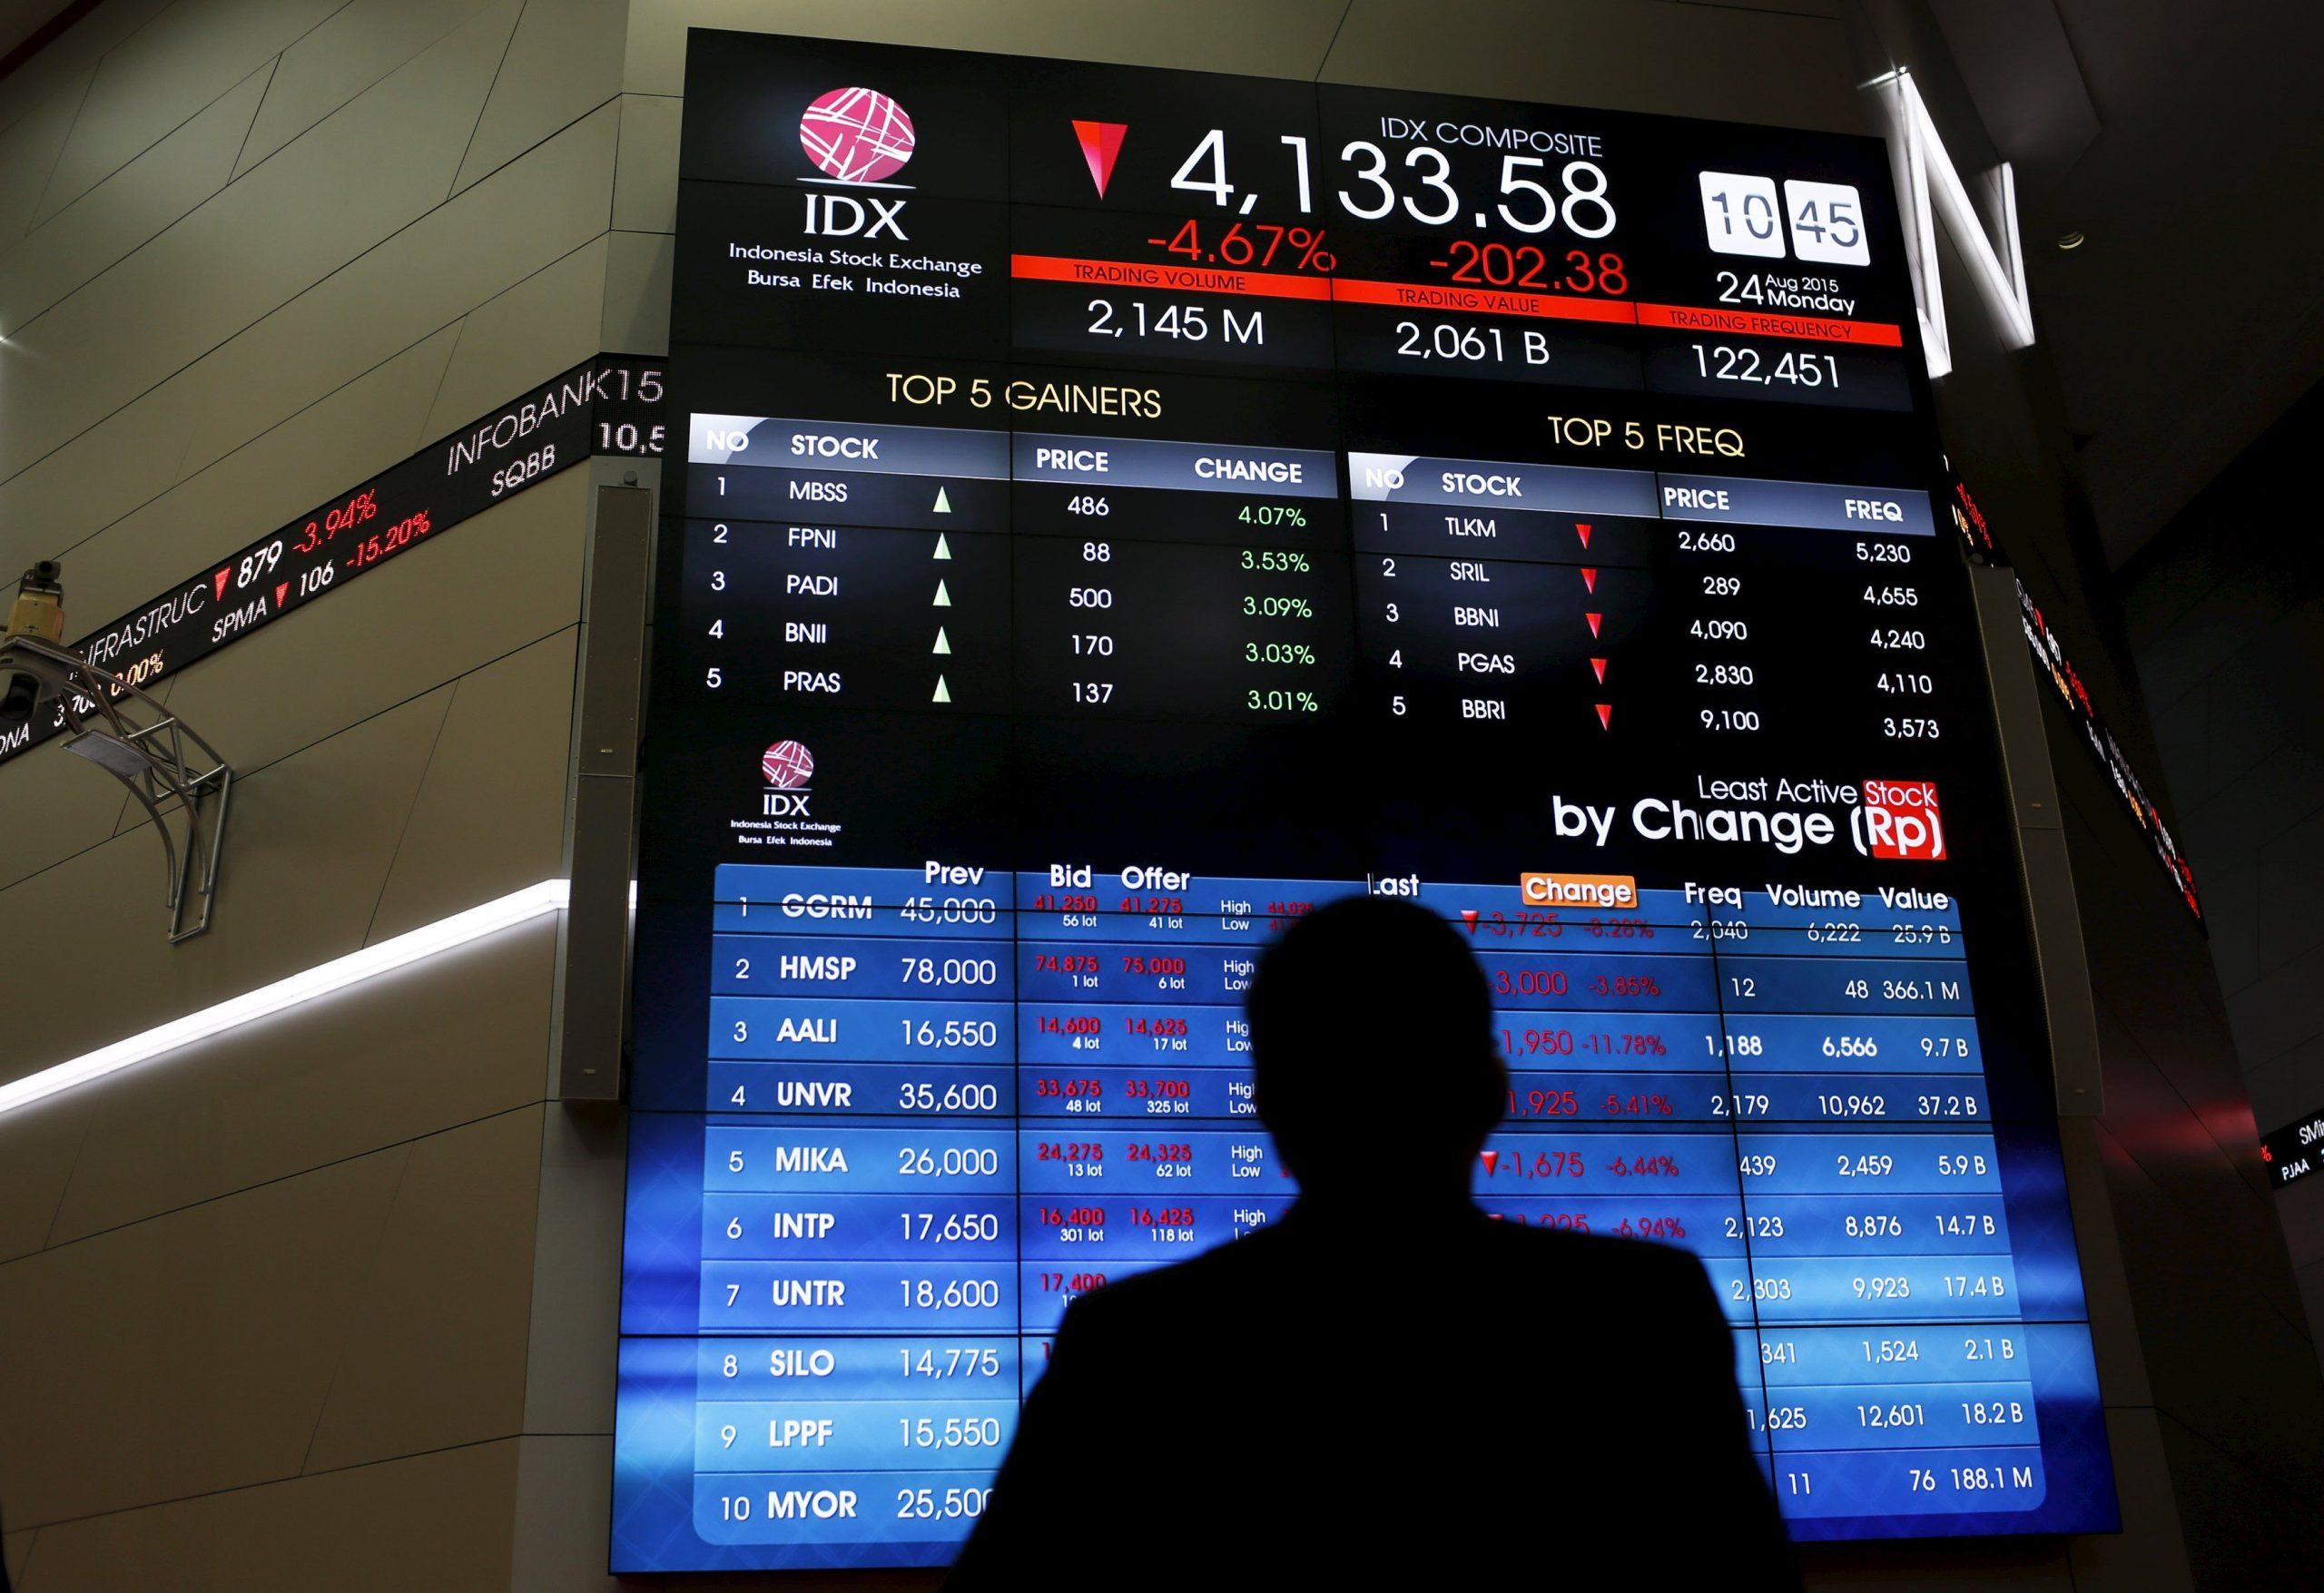 印尼股市開戶總整理-印尼股市法規 開戶方式 交易制度懶人包 2 @東南亞投資報告